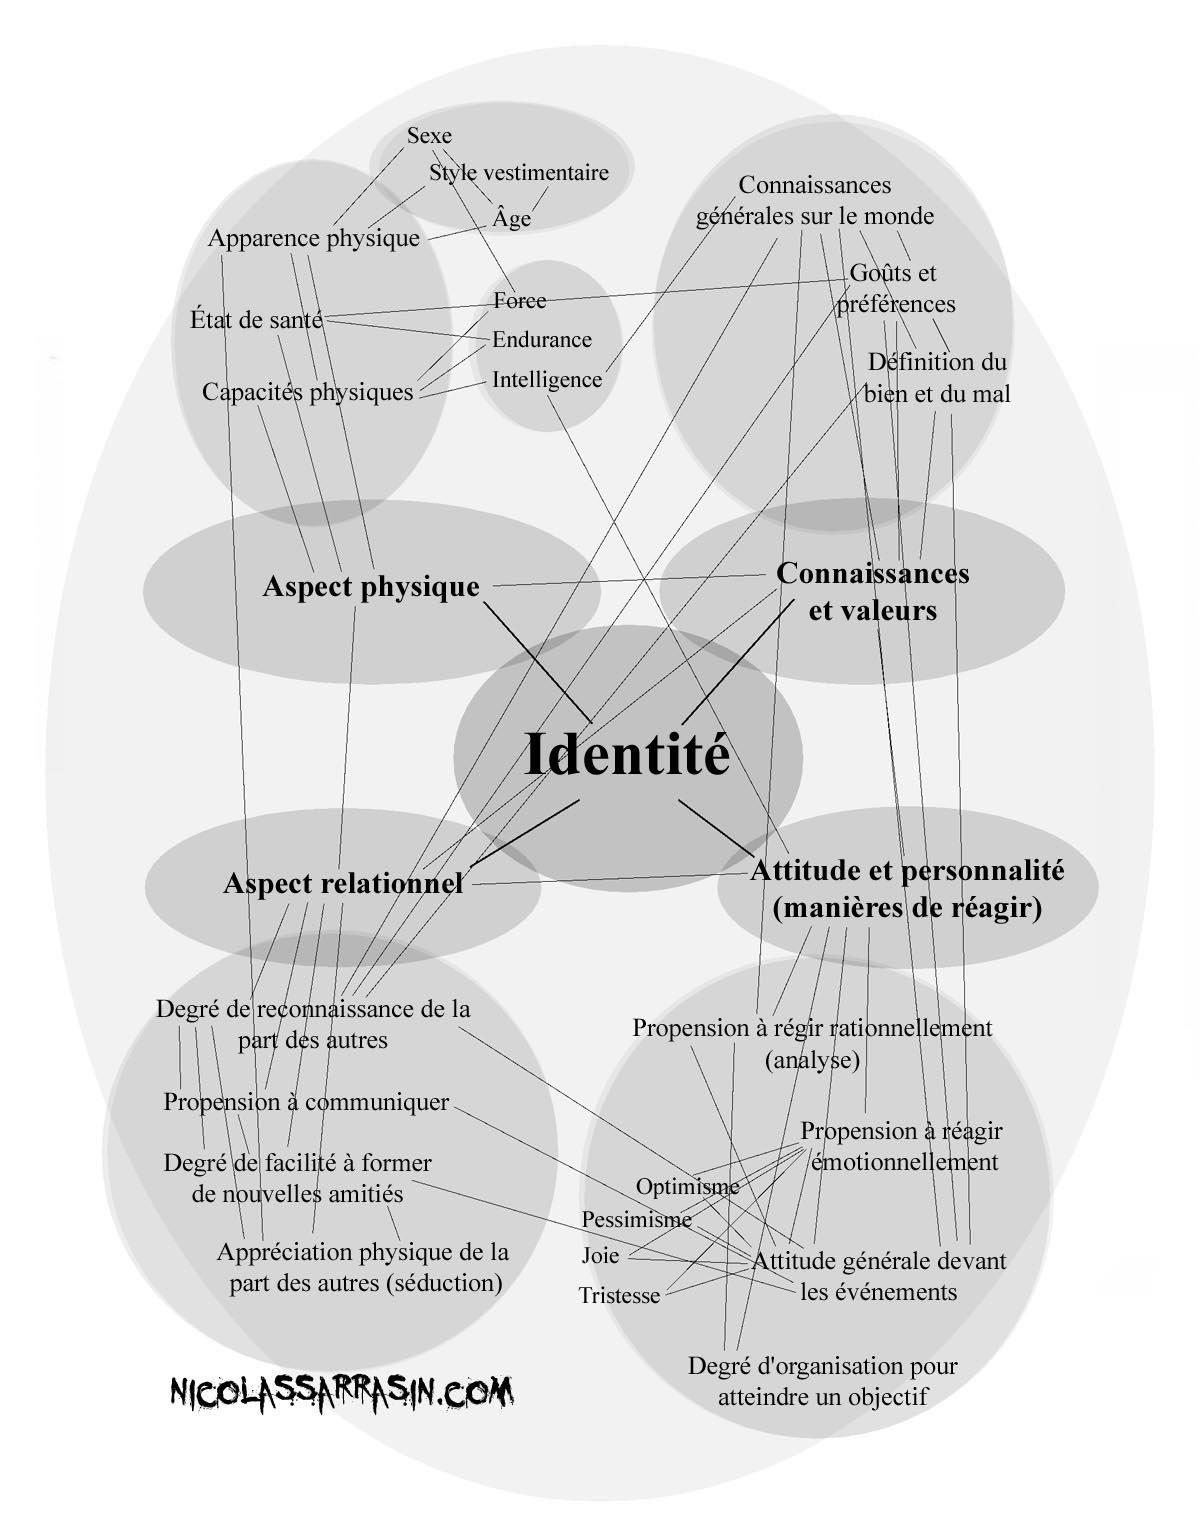 L'exemple de ce que contient une identité - Développement personnel sur NicolasSarrasin.com